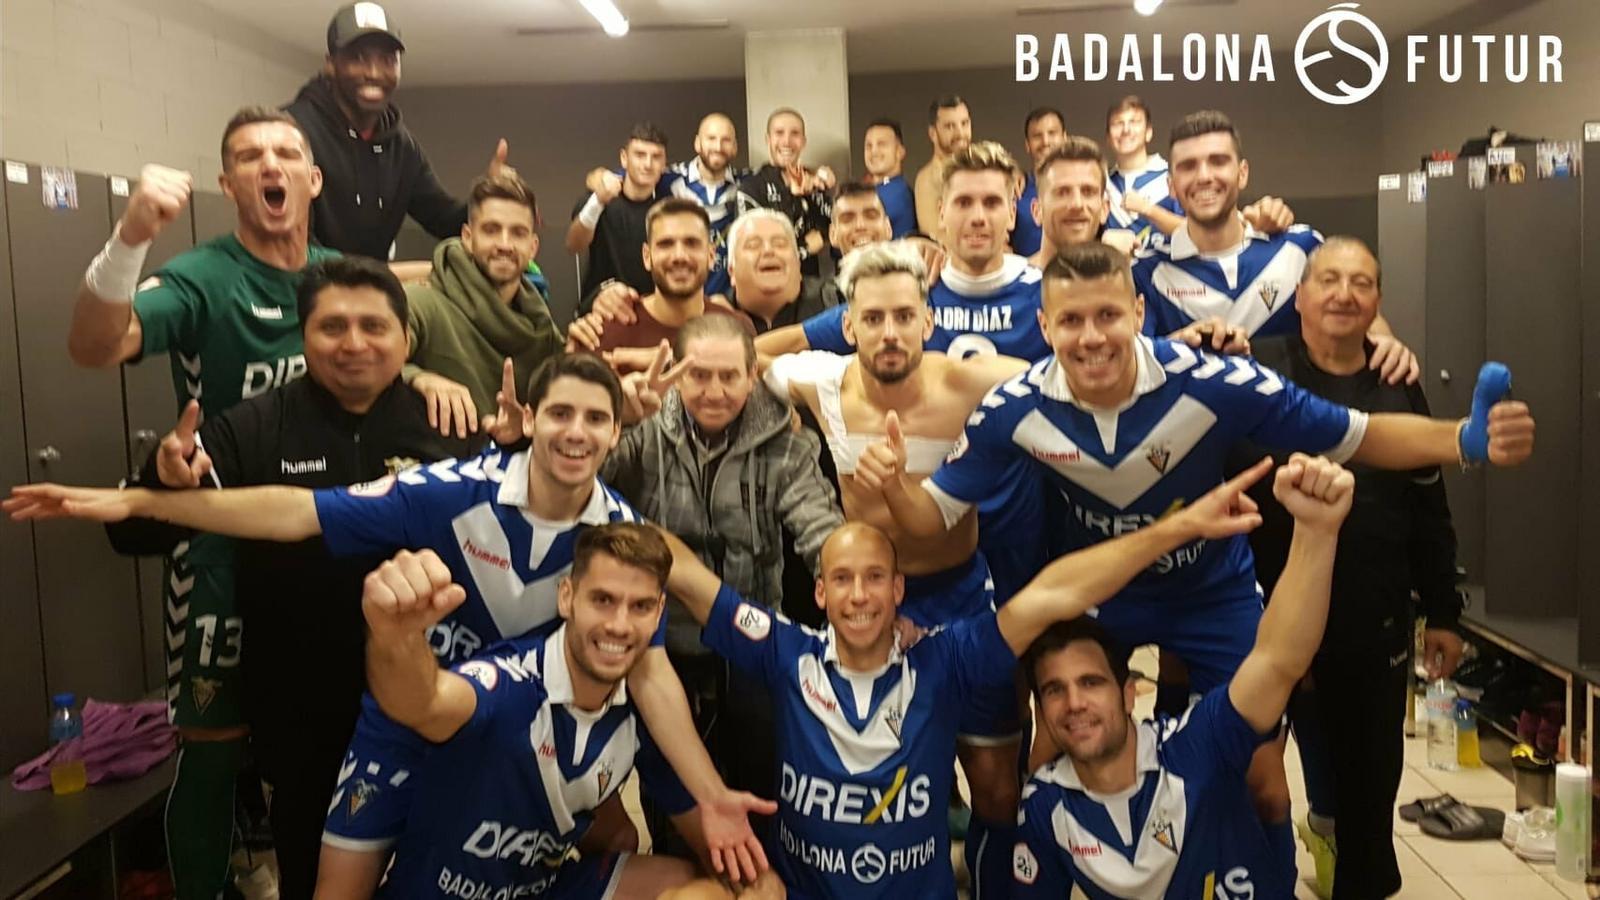 Els jugadors del Badalona celebren una victòria al vestidor